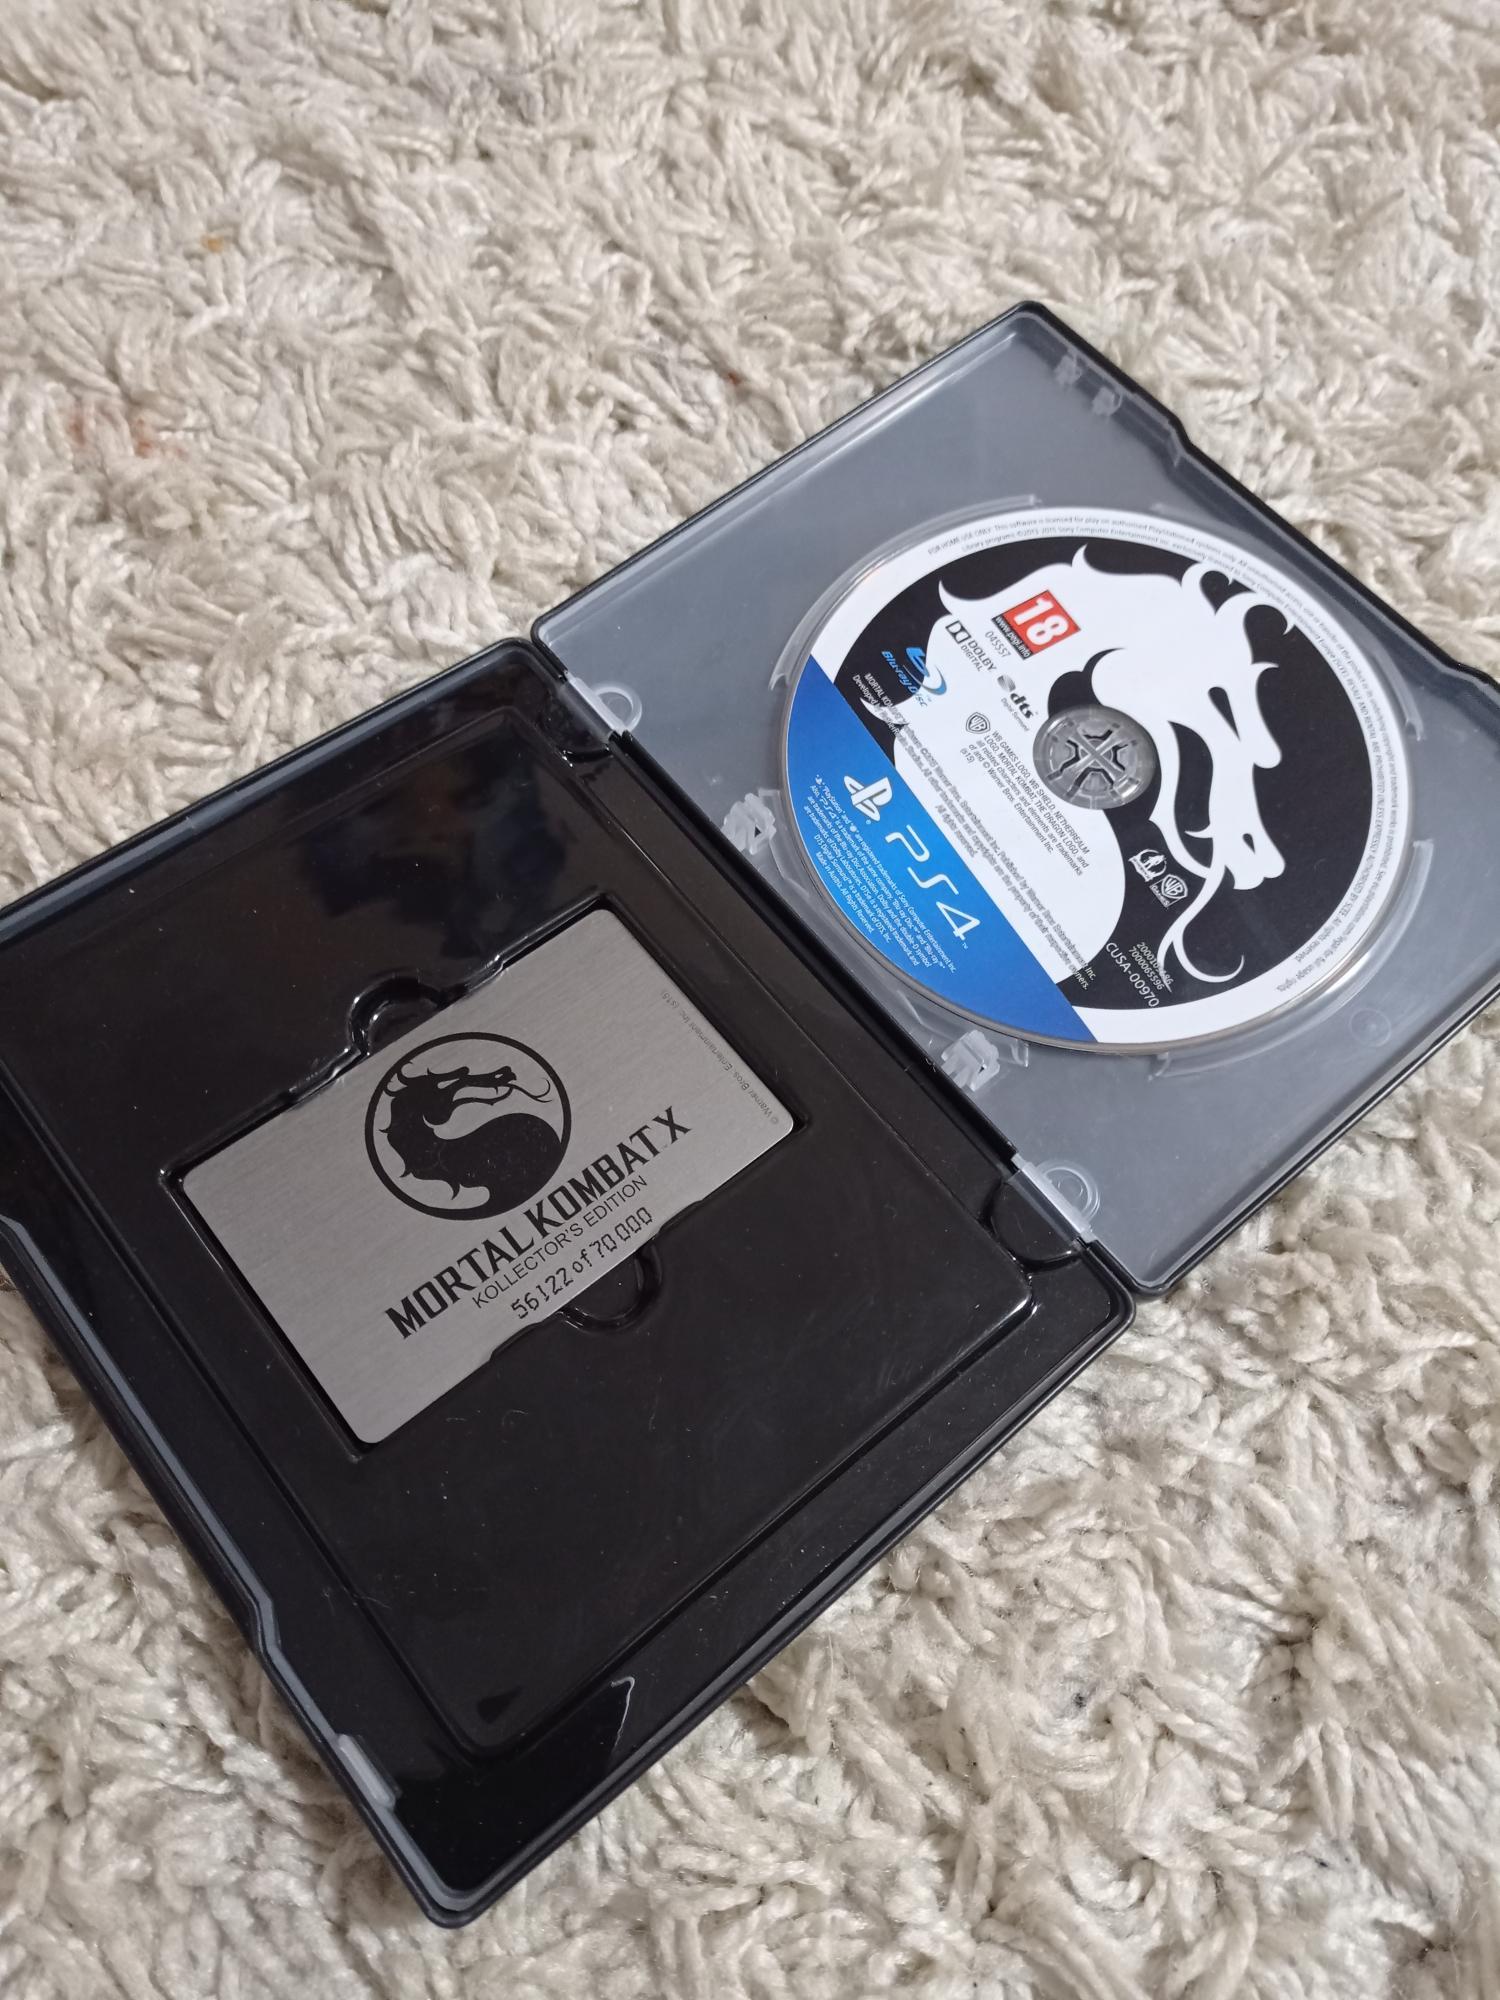 Mortal Kombat X коллекционное издание в Одинцово 89777251130 купить 2